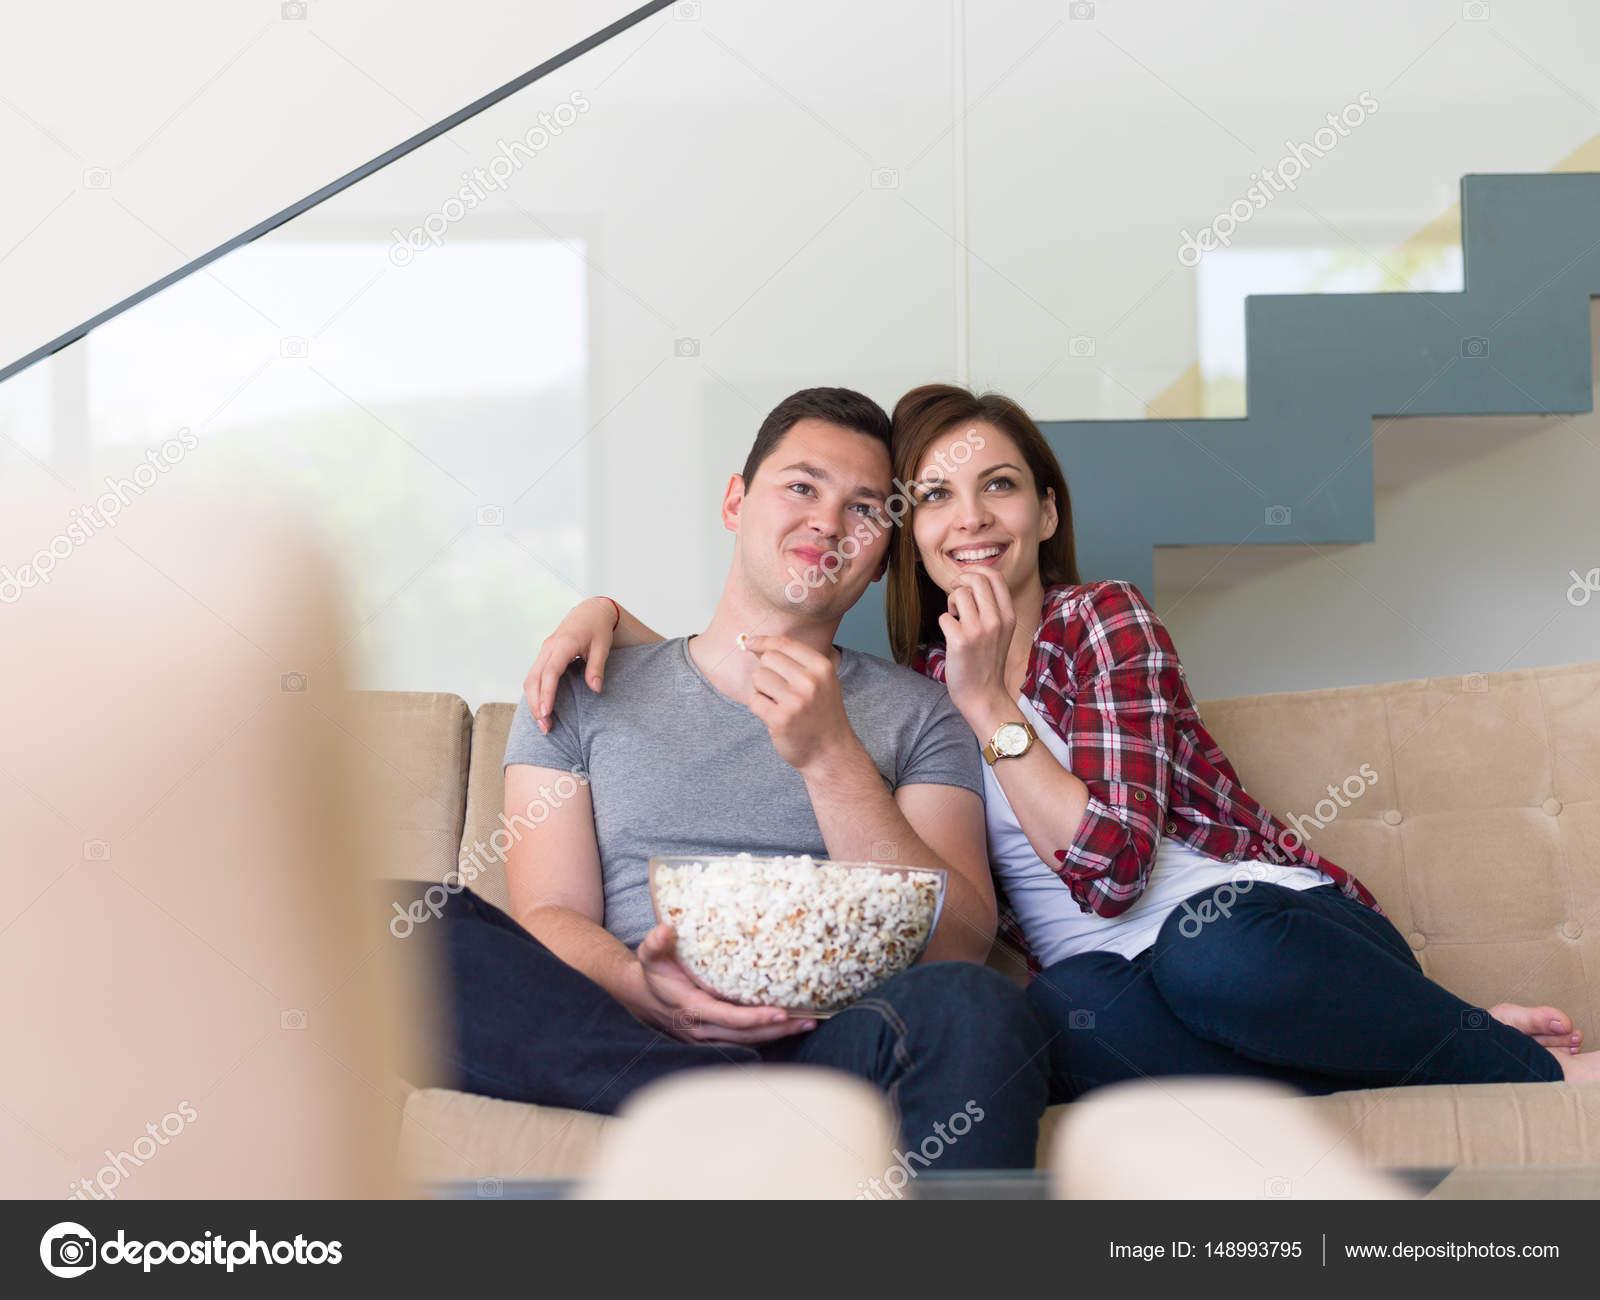 Фото пар дома скачать бесплатно